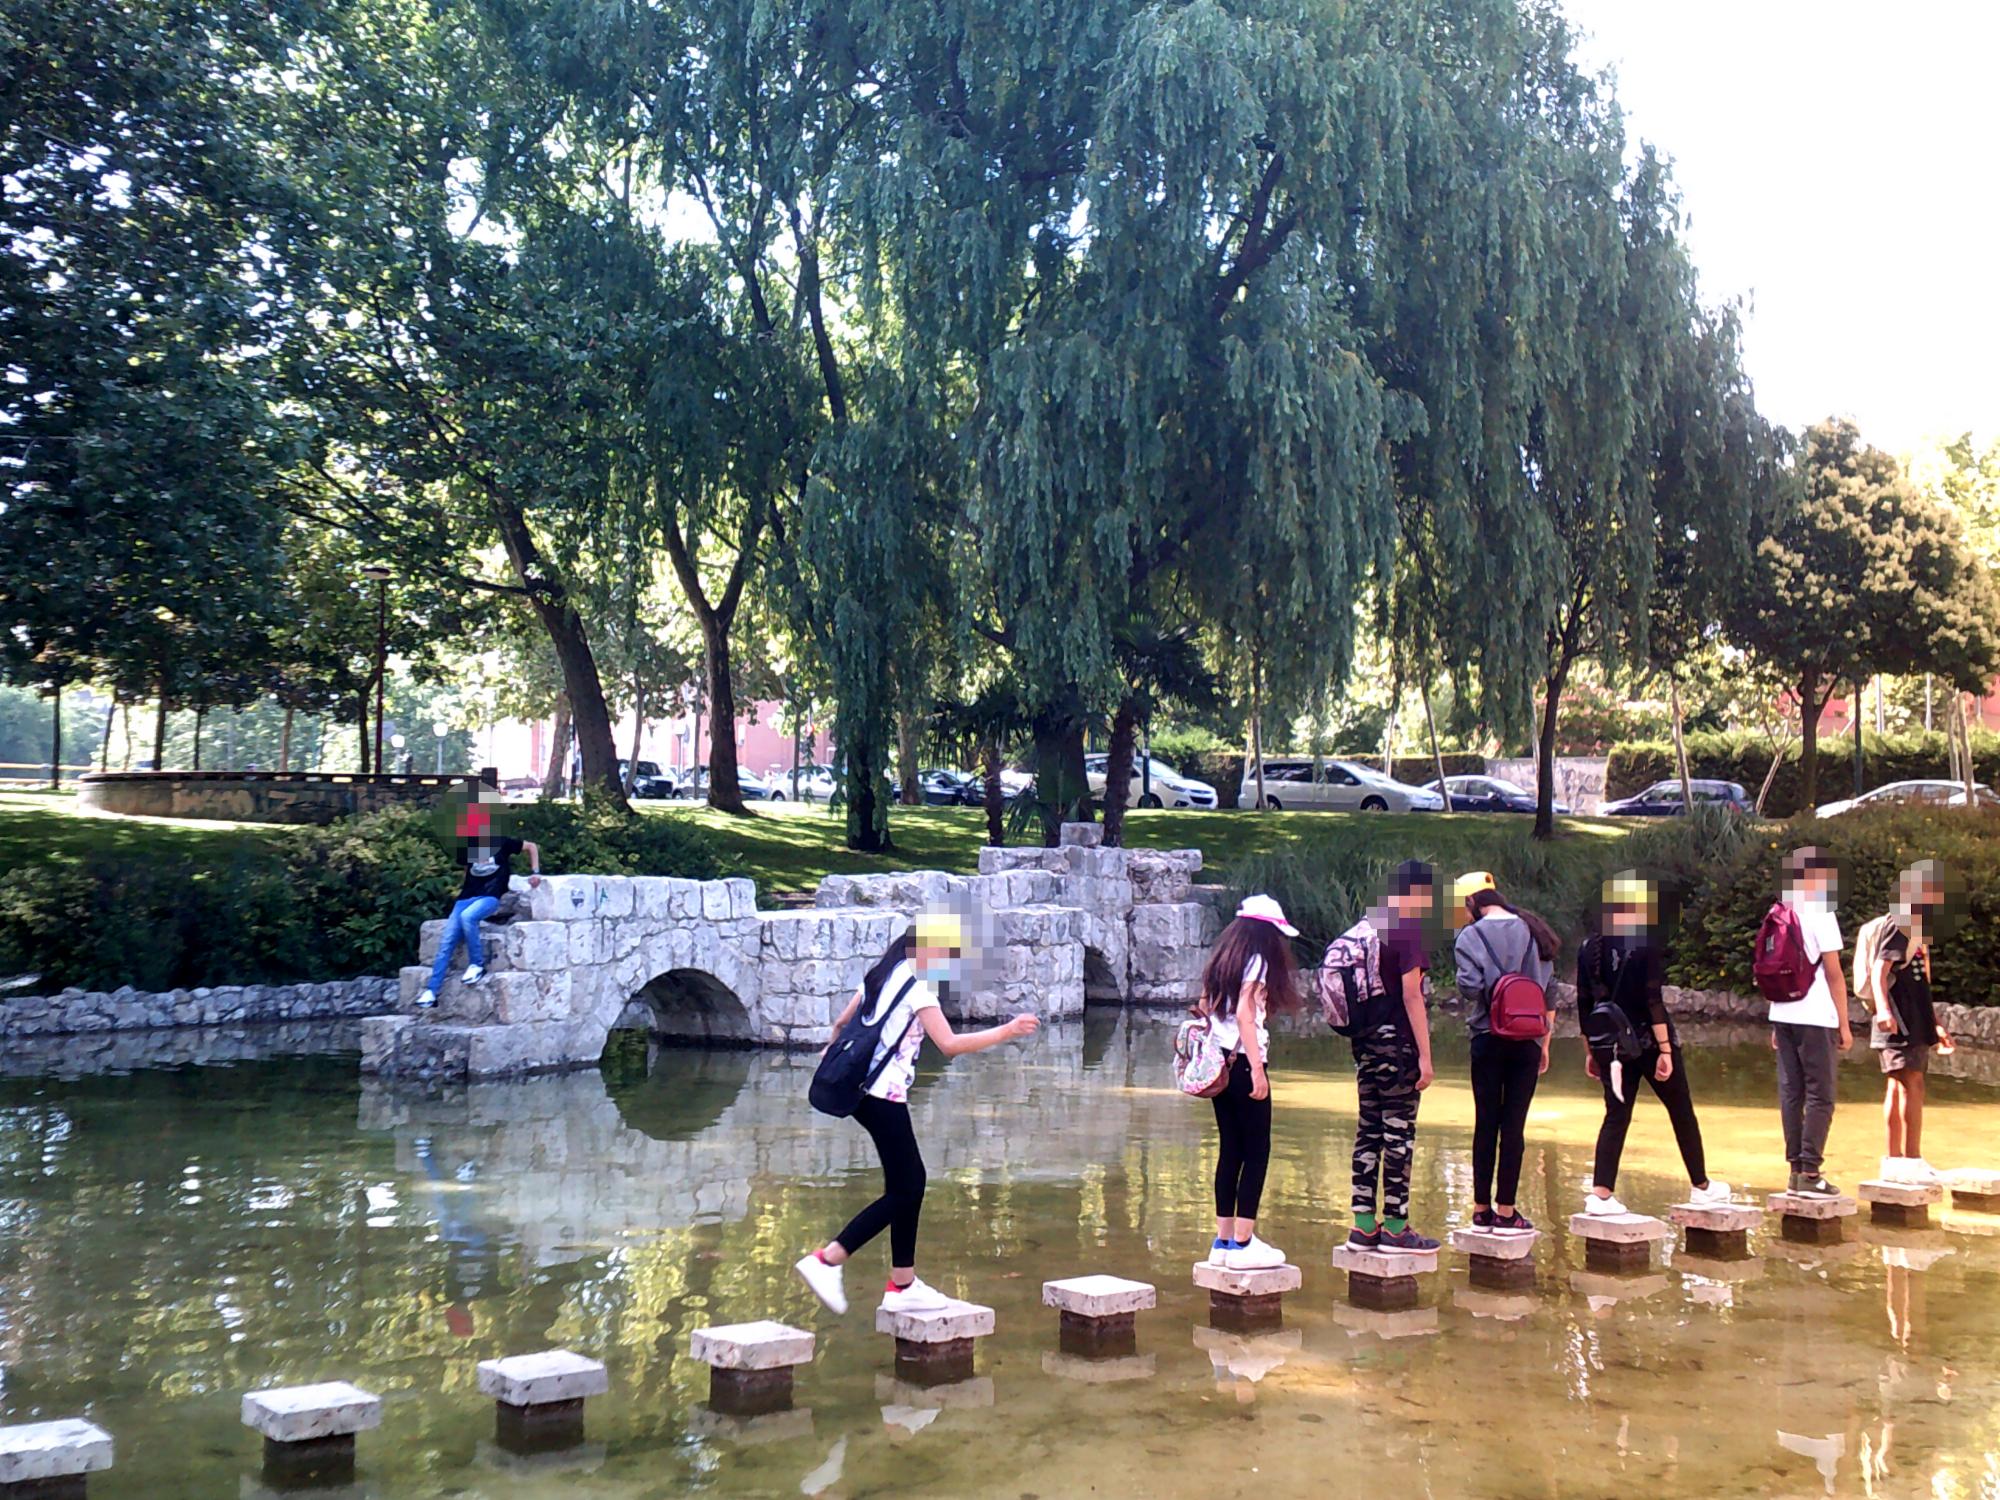 Grupo de personas encima de varias piedras en un estanque artificial, y al fondo los arcos de piedra que marcaban una de las entradas de mercancías a Valladolid